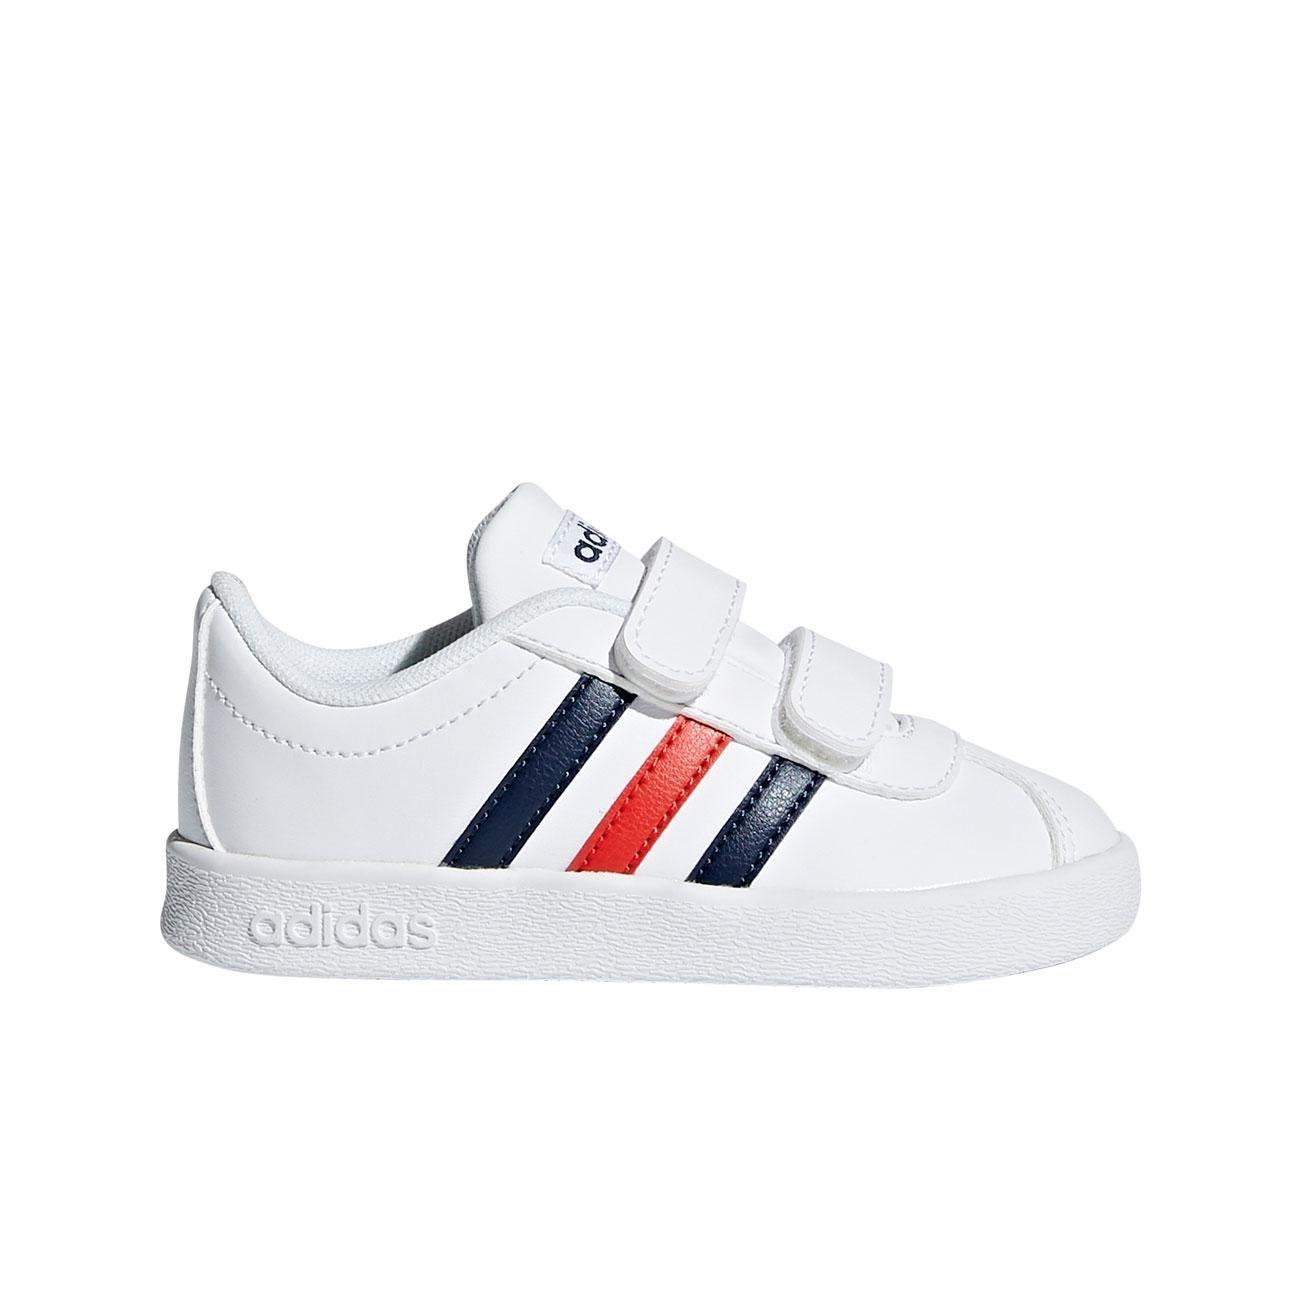 Zapatilla Adidas VL Court Niã±o Adidas VL Court 2.0 CMF I 23 EU DB1840